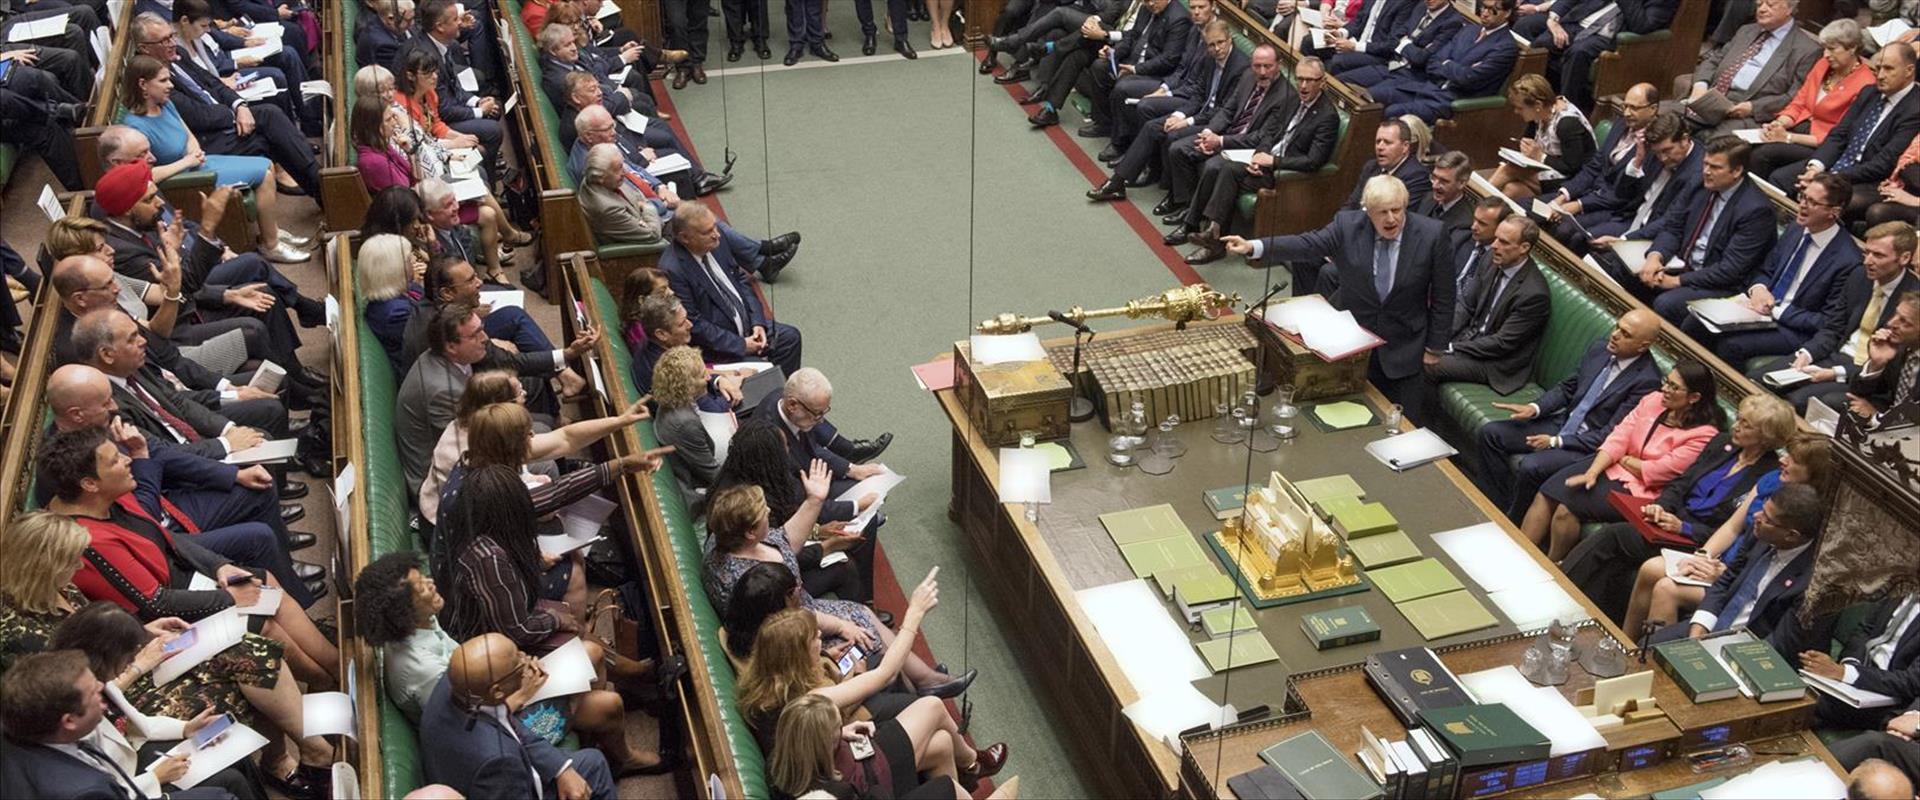 ג'ונסון בפרלמנט הבריטי